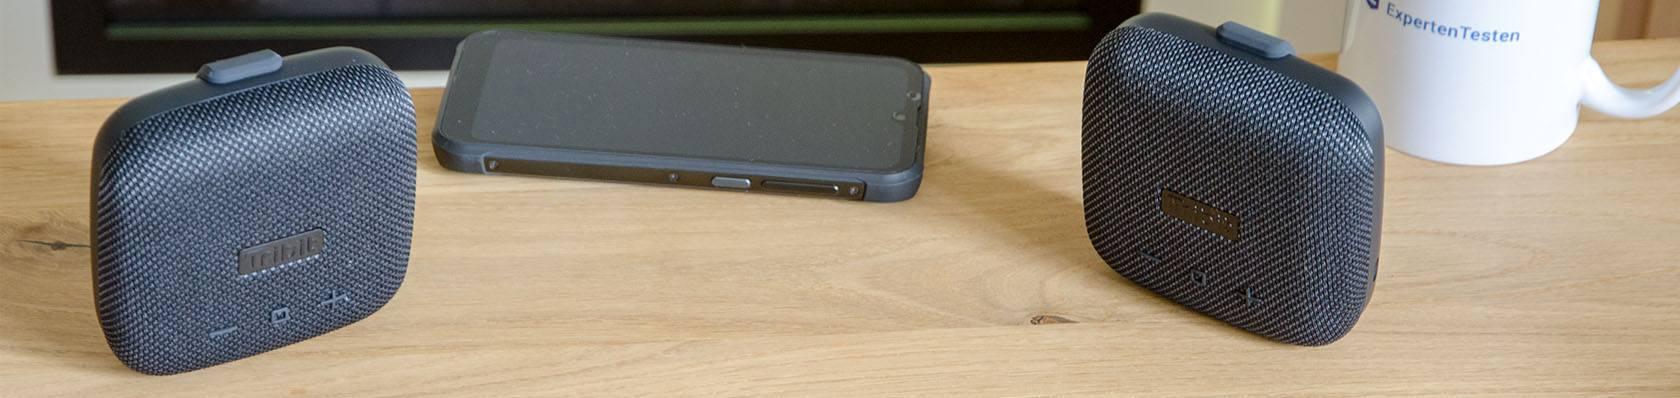 Bluetooth Lautsprecher im Test auf ExpertenTesten.de